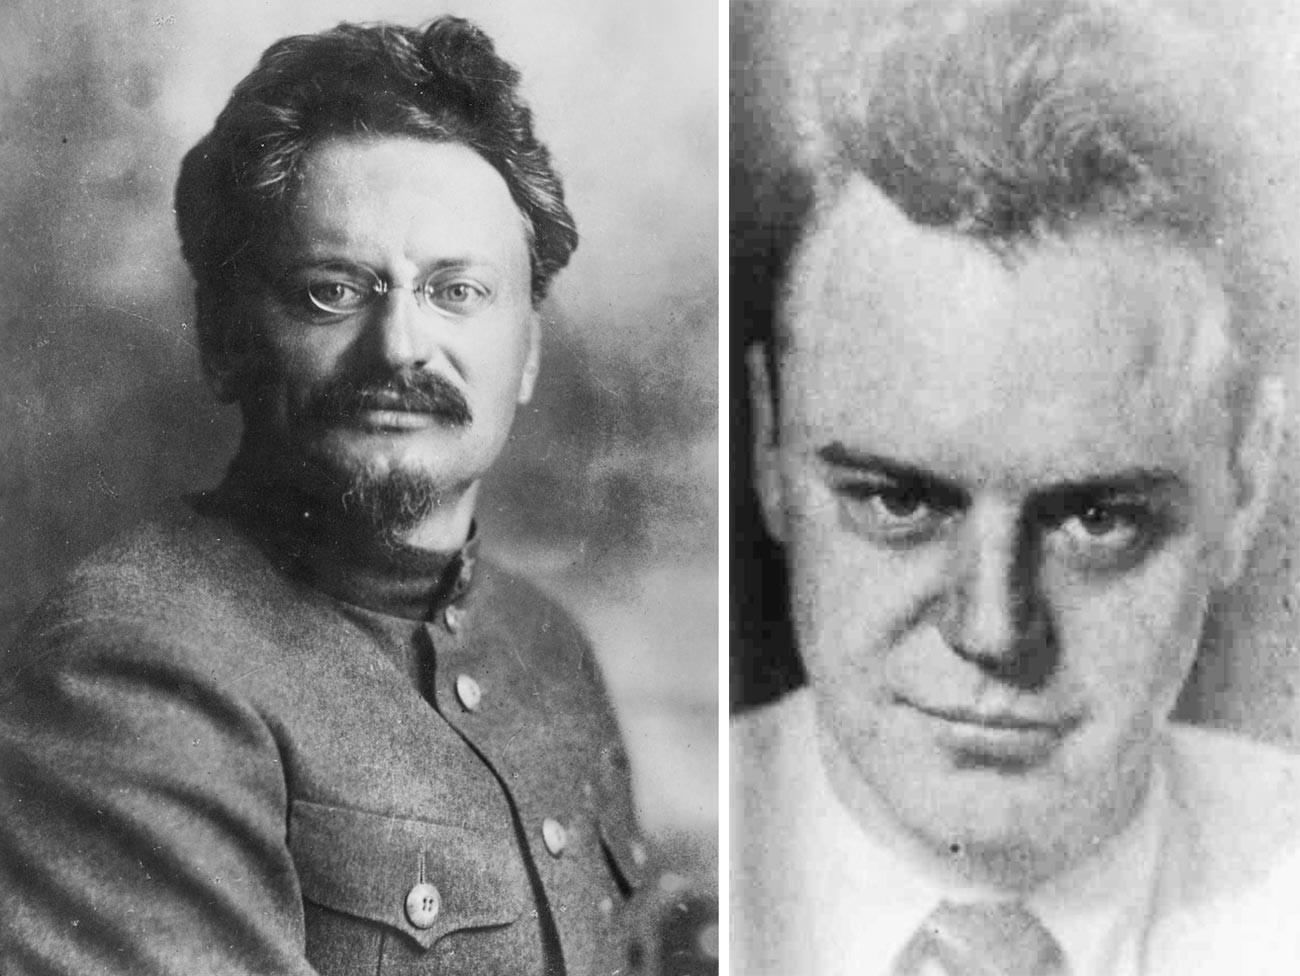 À gauche - Léon Trotski, à droite - son fils Lev Sedov